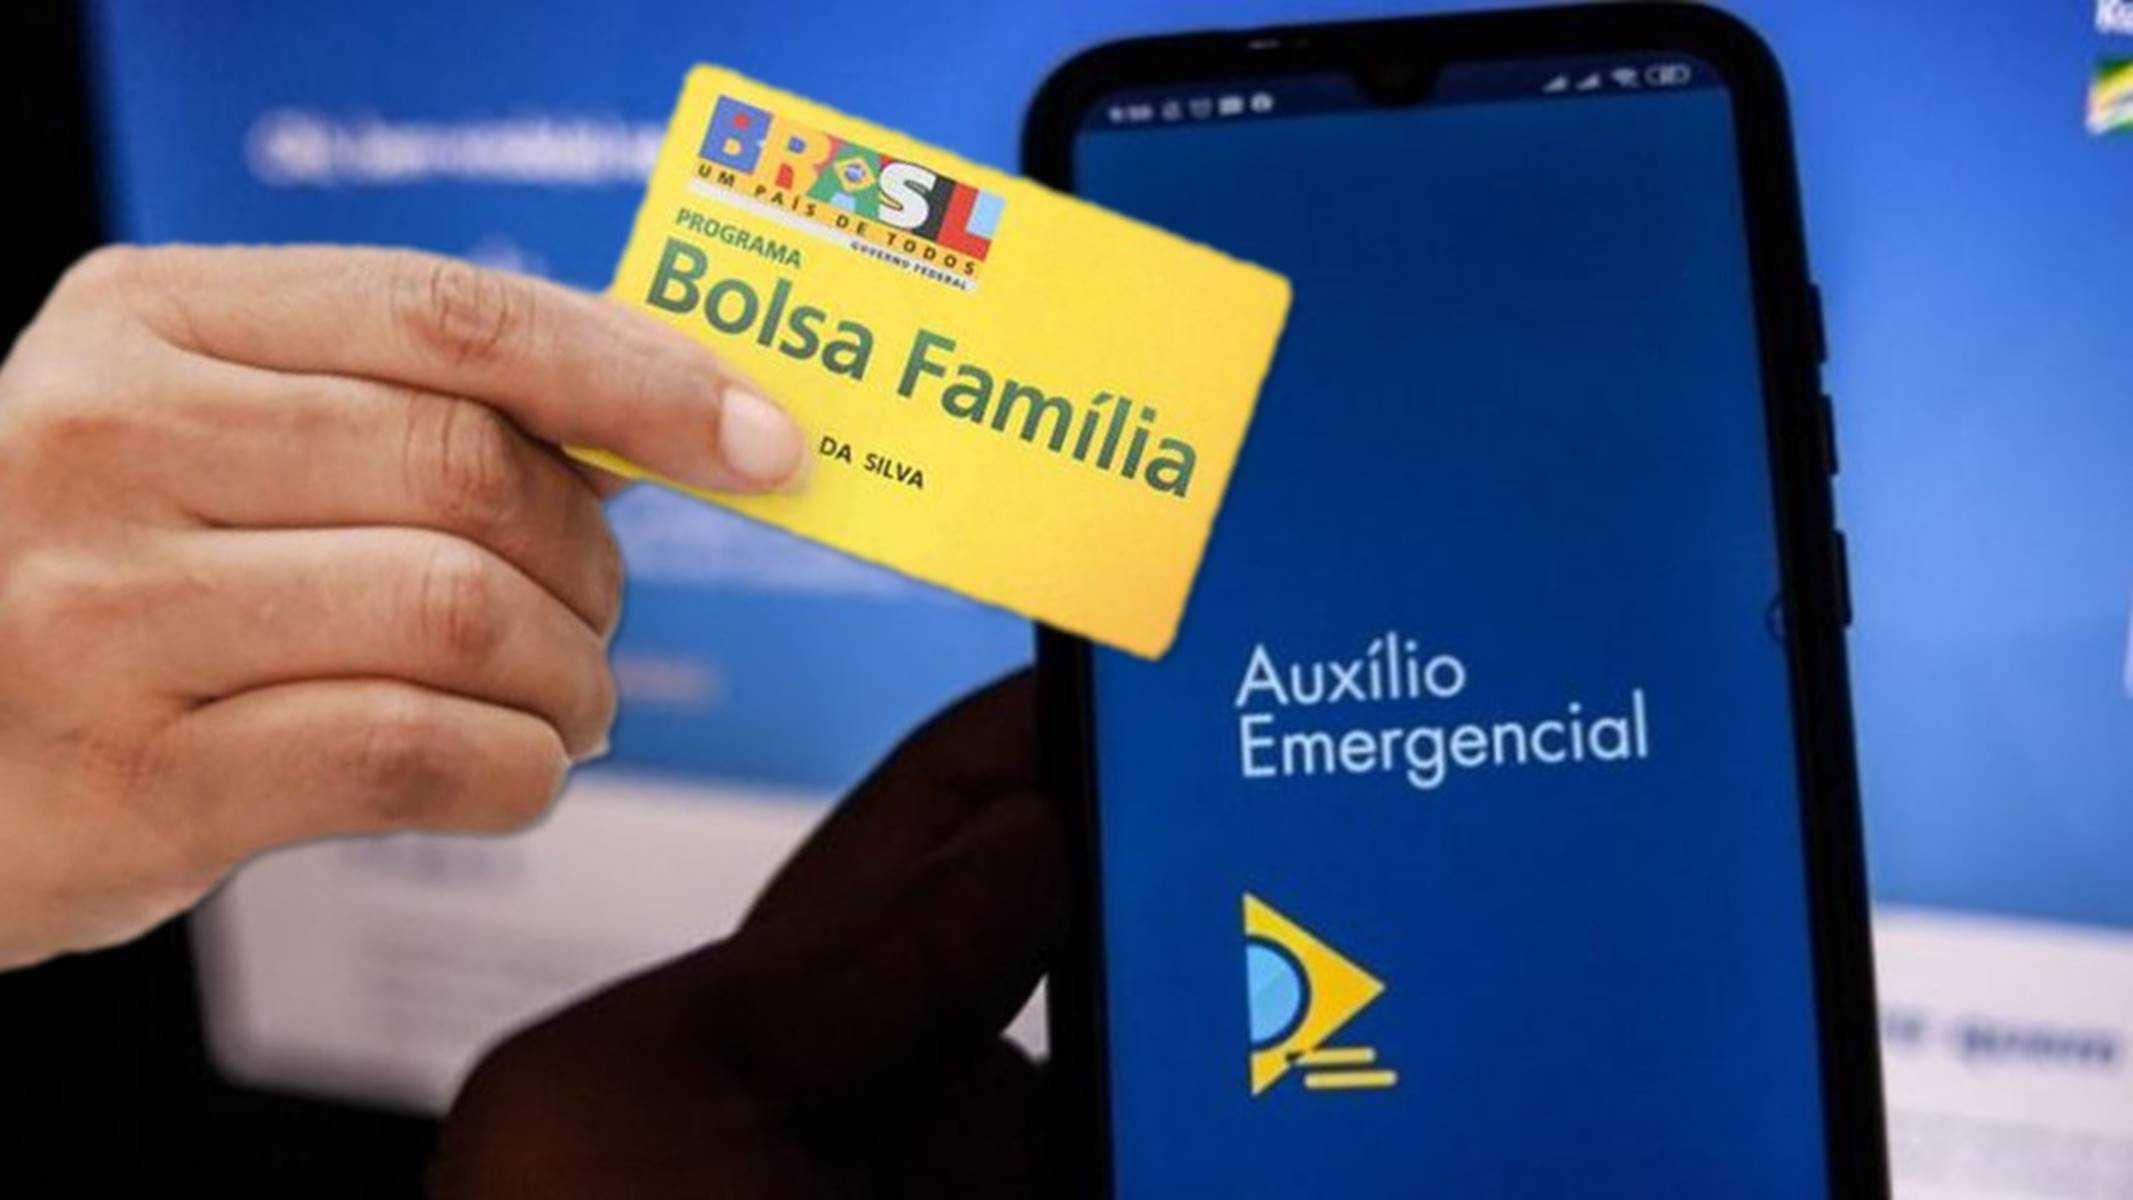 Novo auxílio emergencial muda pagamento do Bolsa Família em 2021? Descubra! (Imagem: Google)